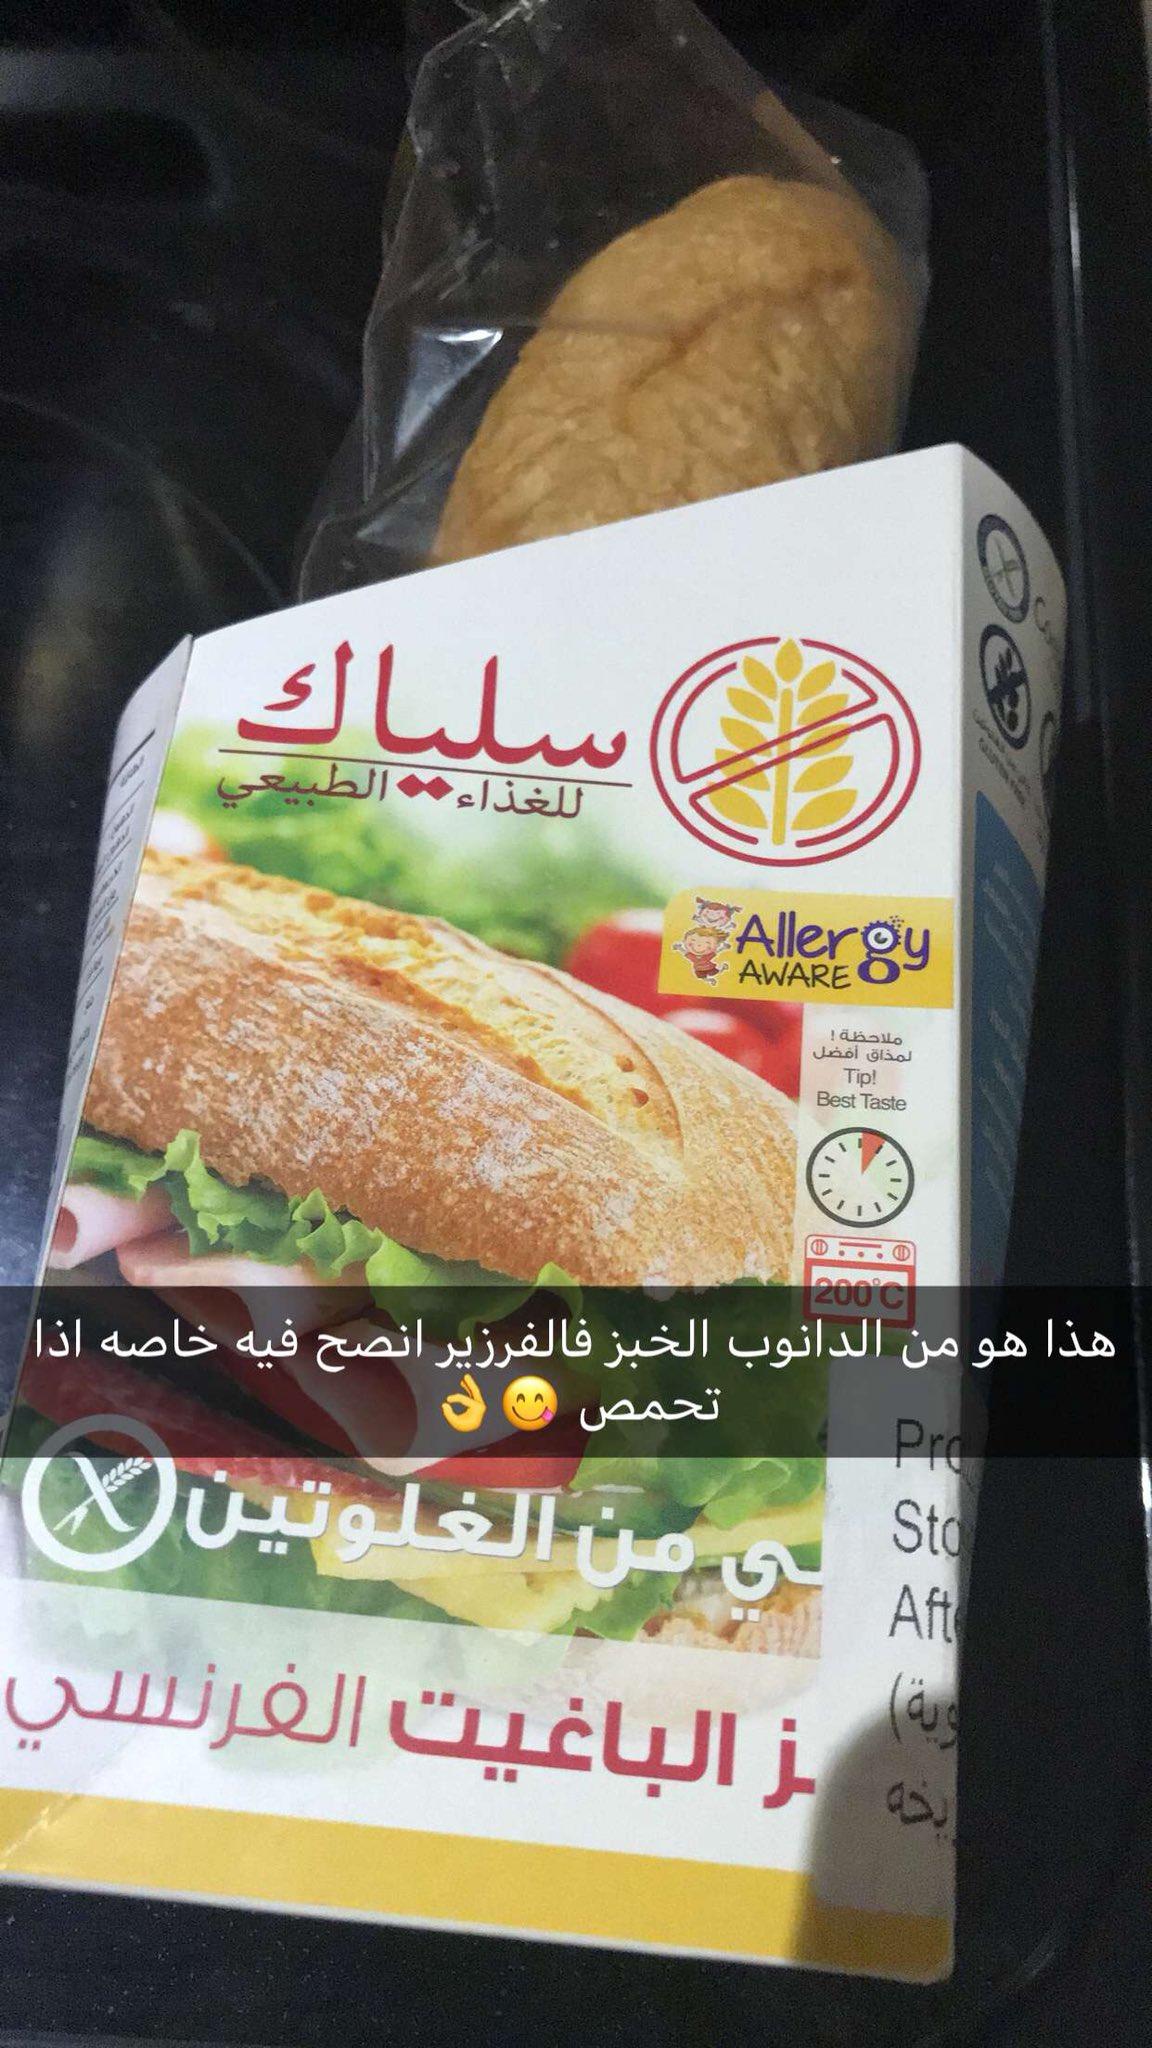 Jawaher On Twitter خبز من الدانوب جميل في قسم الفريزر Glutenfree Celiac خالي من الجلوتين